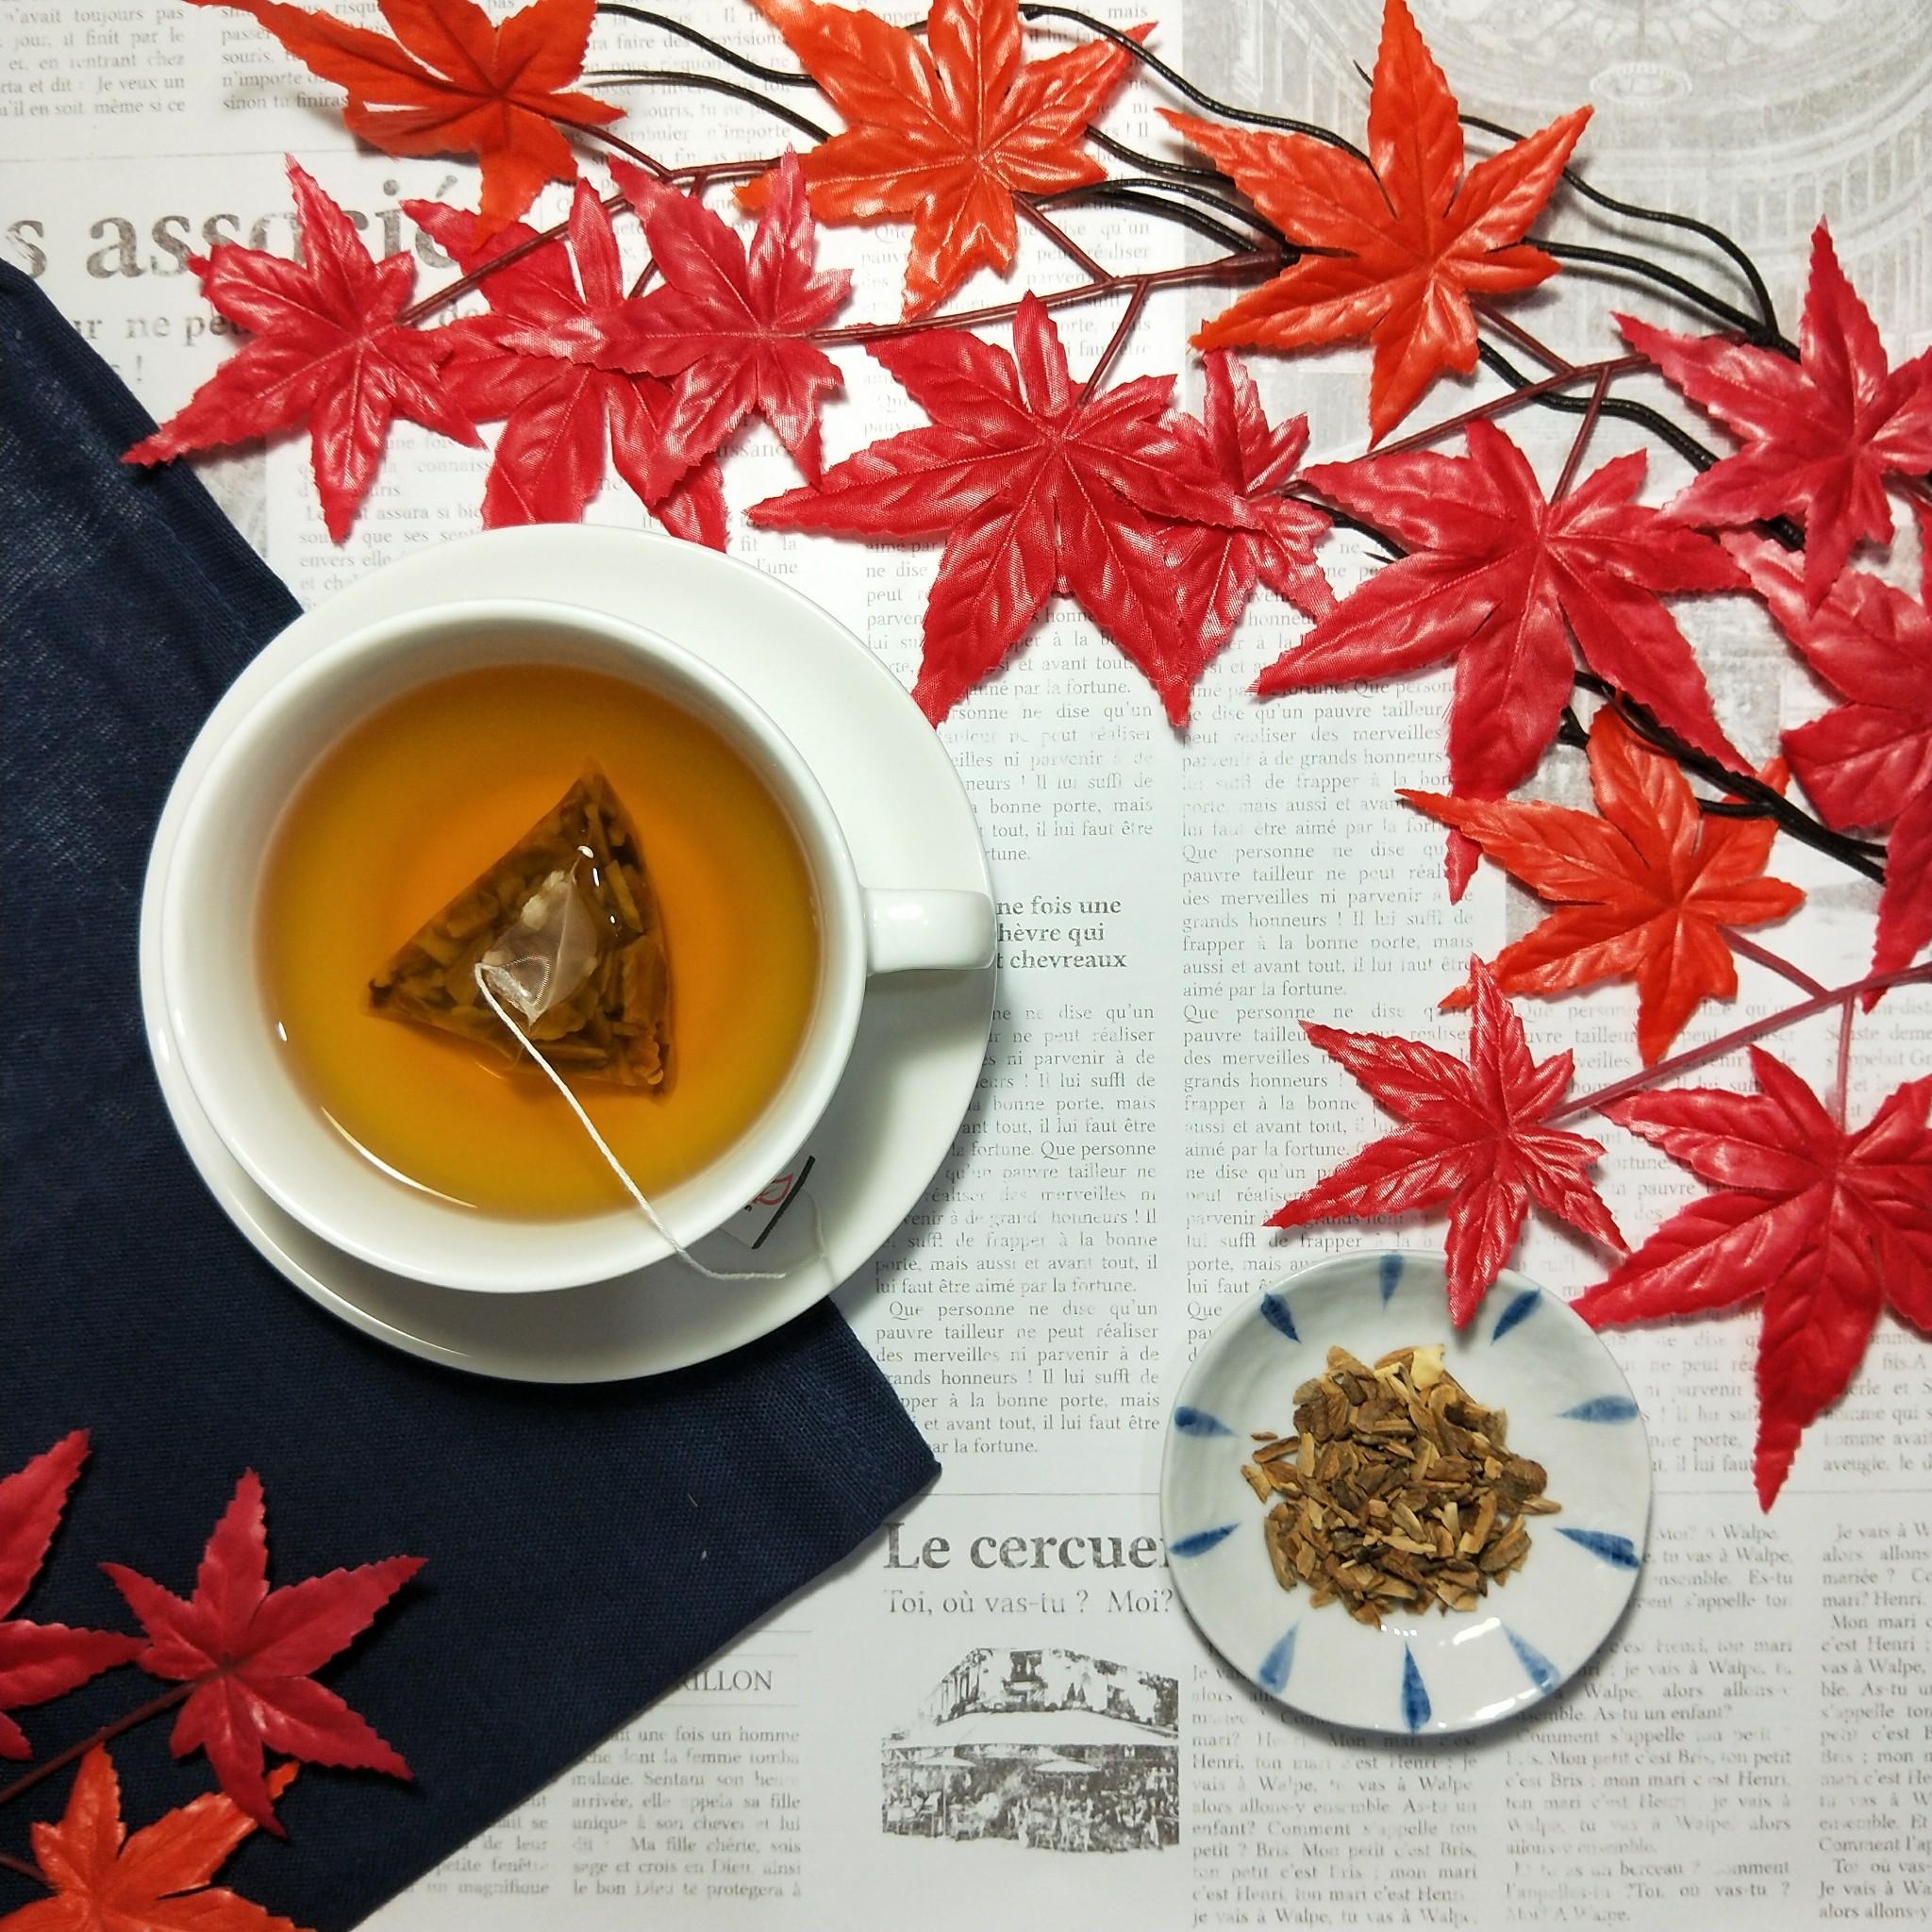 牛蒡茶的禁忌到底是什麼呢?|牛蒡茶禁忌|買茶最推薦- 無可挑Tea